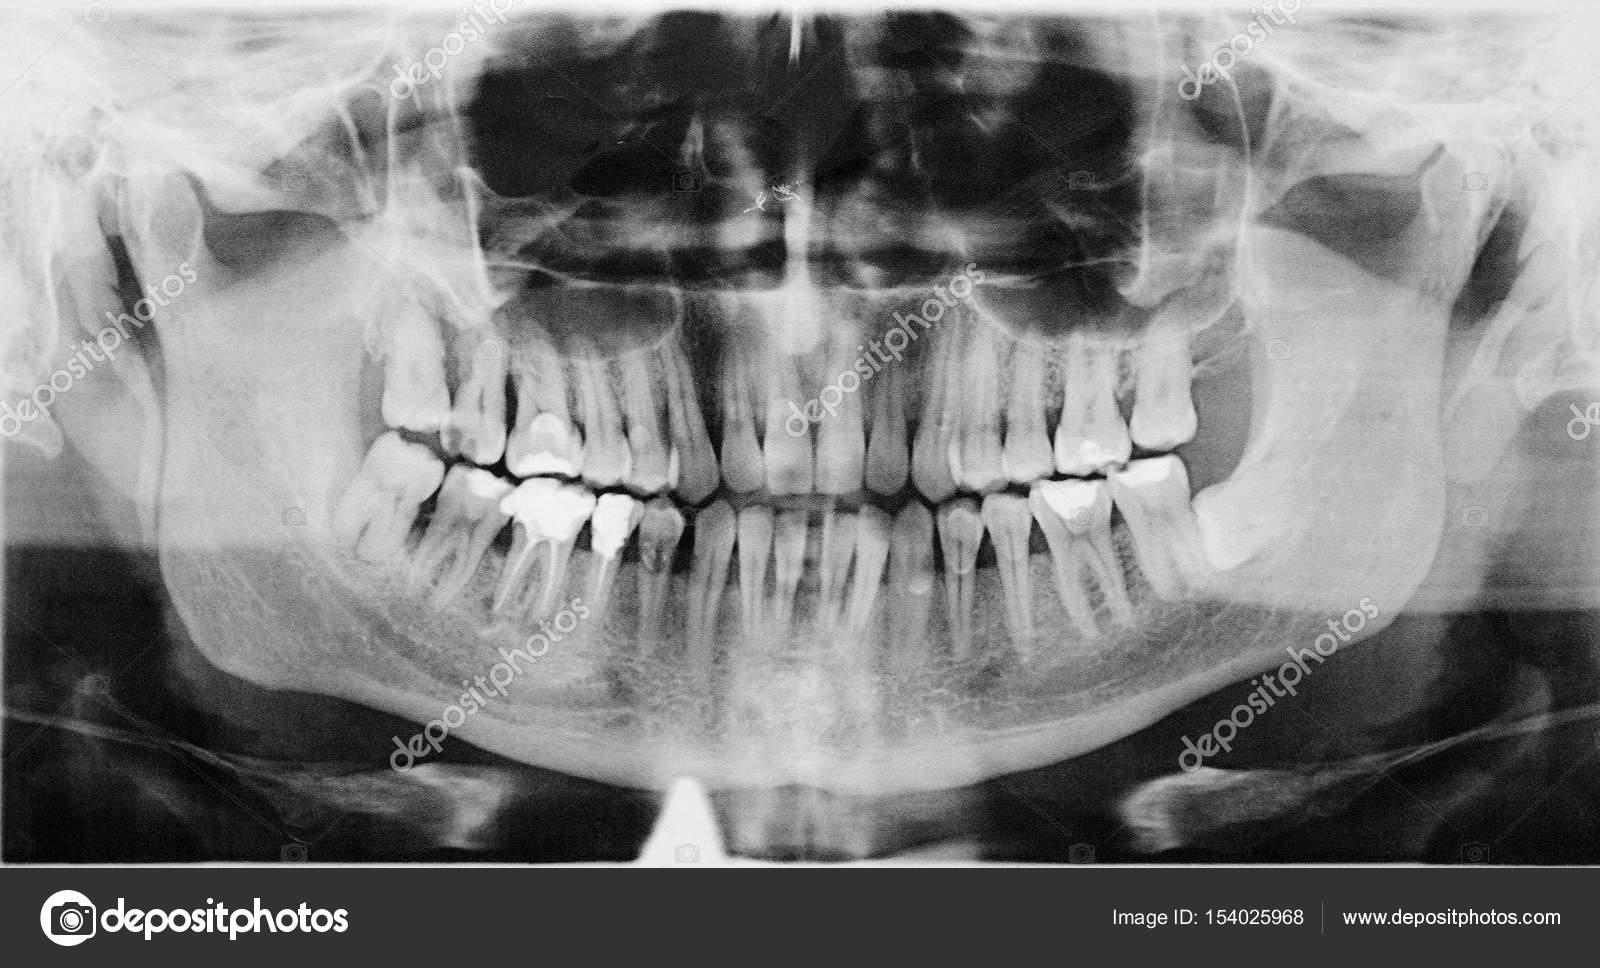 Panorama dental x-ray — Stockfoto © ivantcovlad #154025968